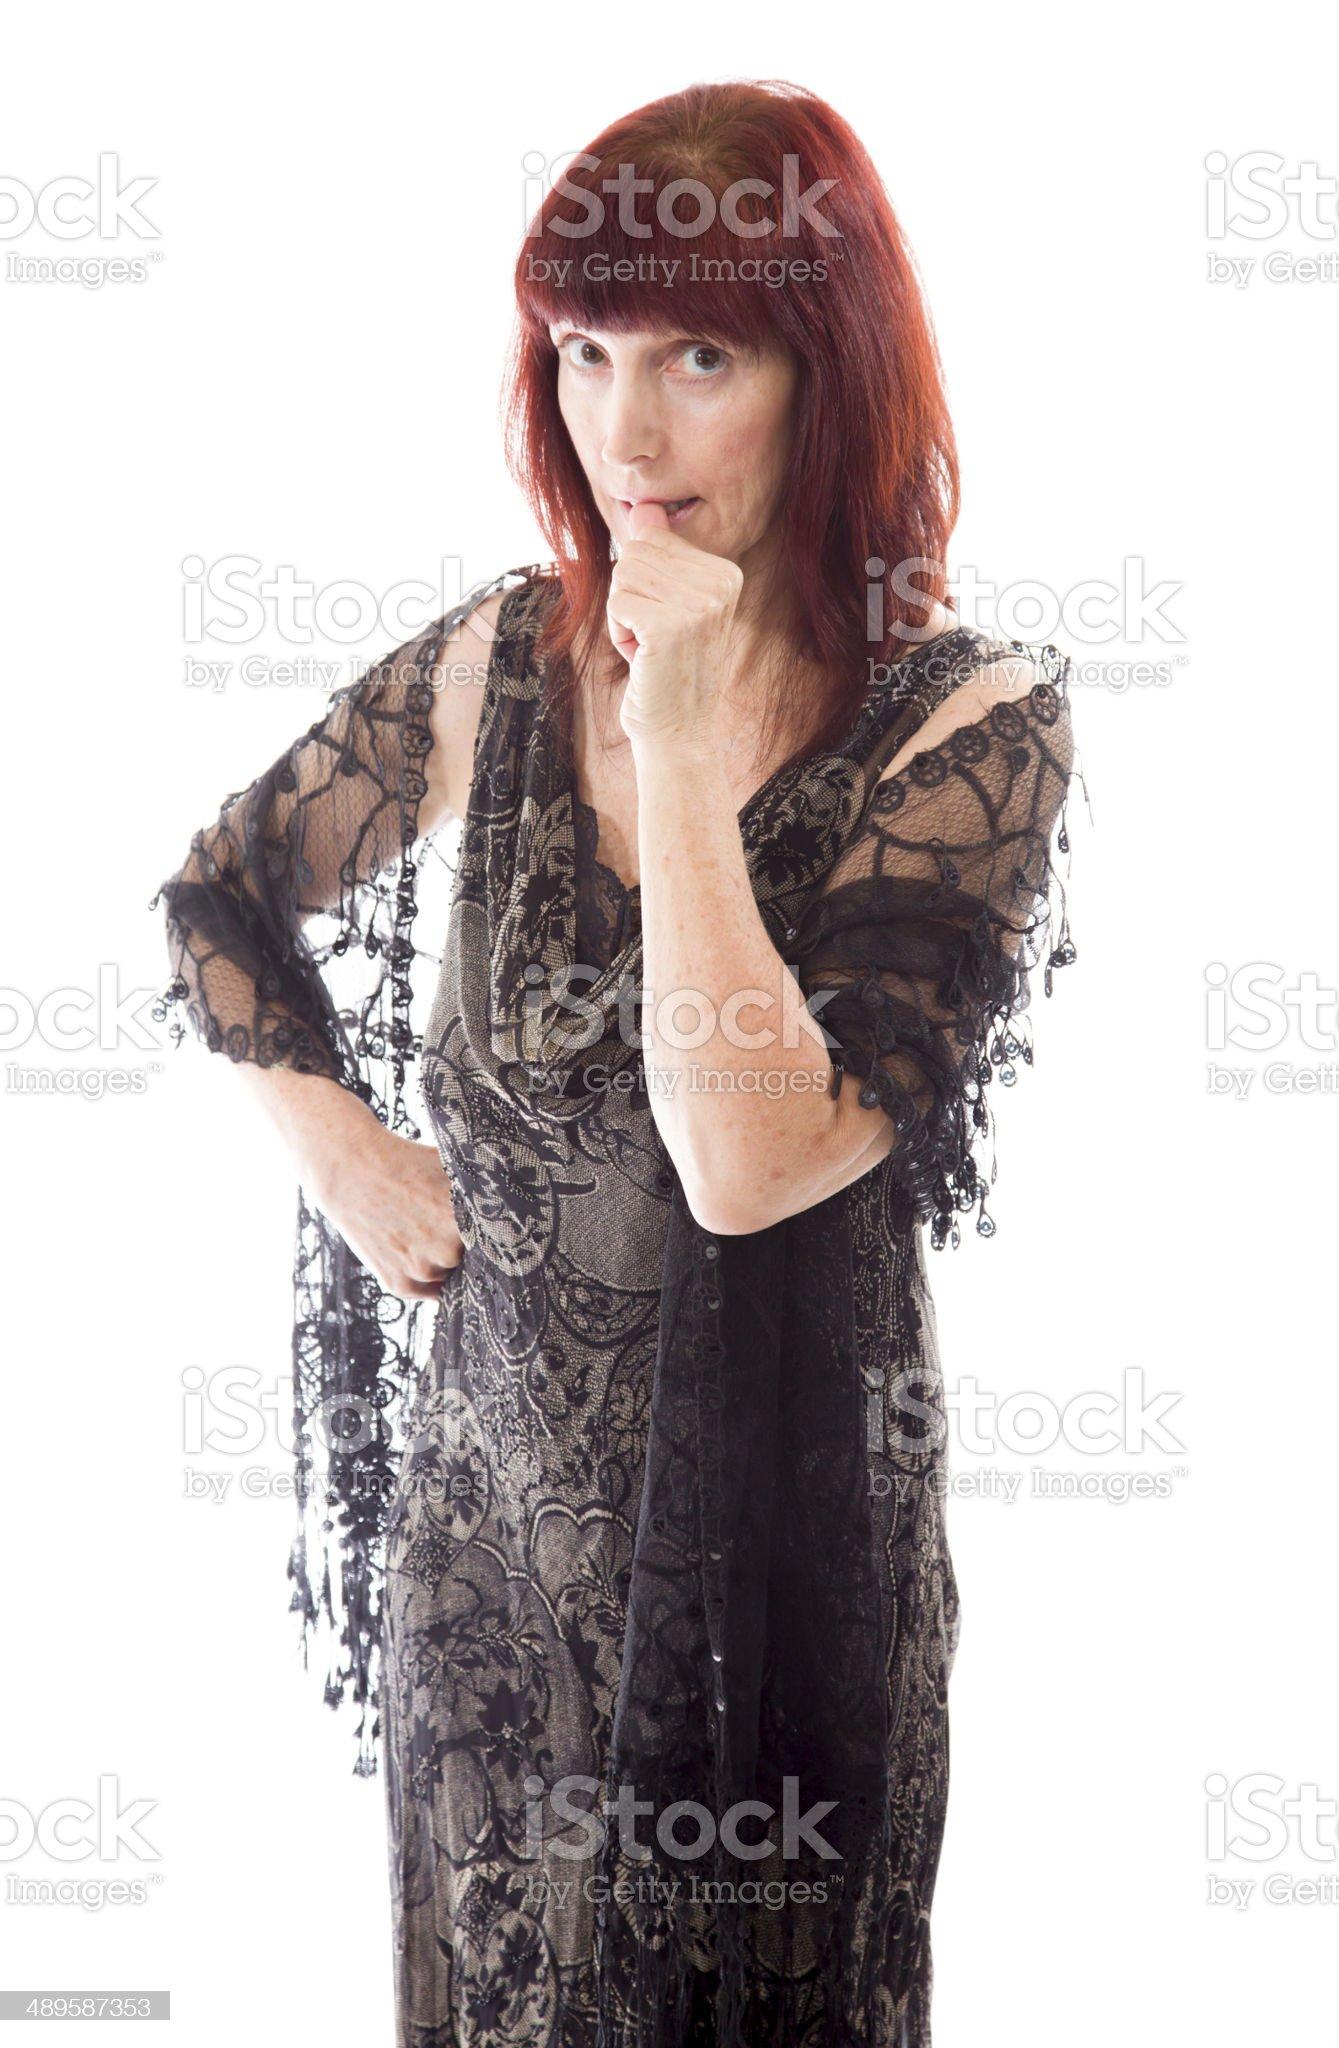 Mature woman biting nail royalty-free stock photo